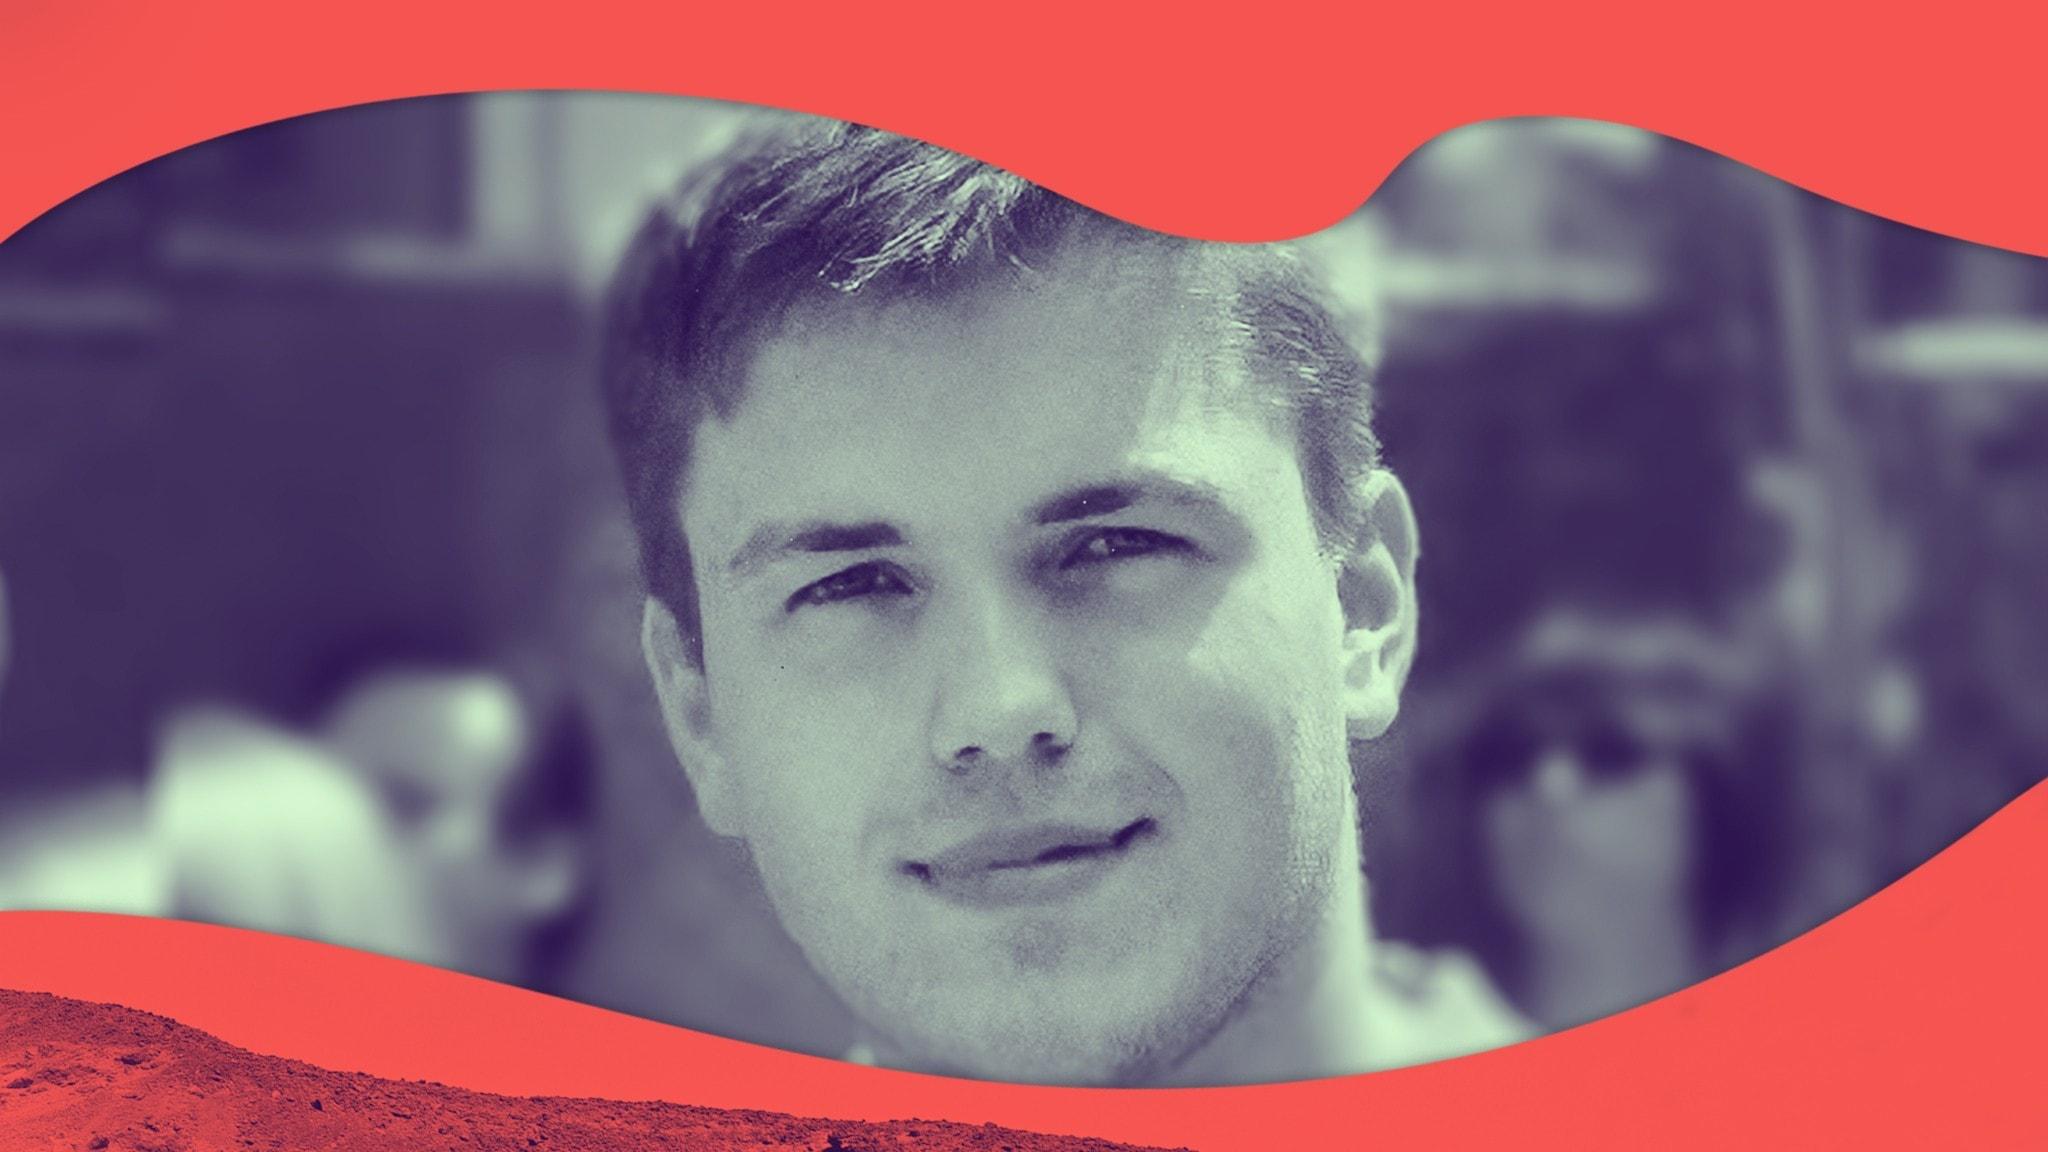 Porträttbild på Anders, han ler in i kameran